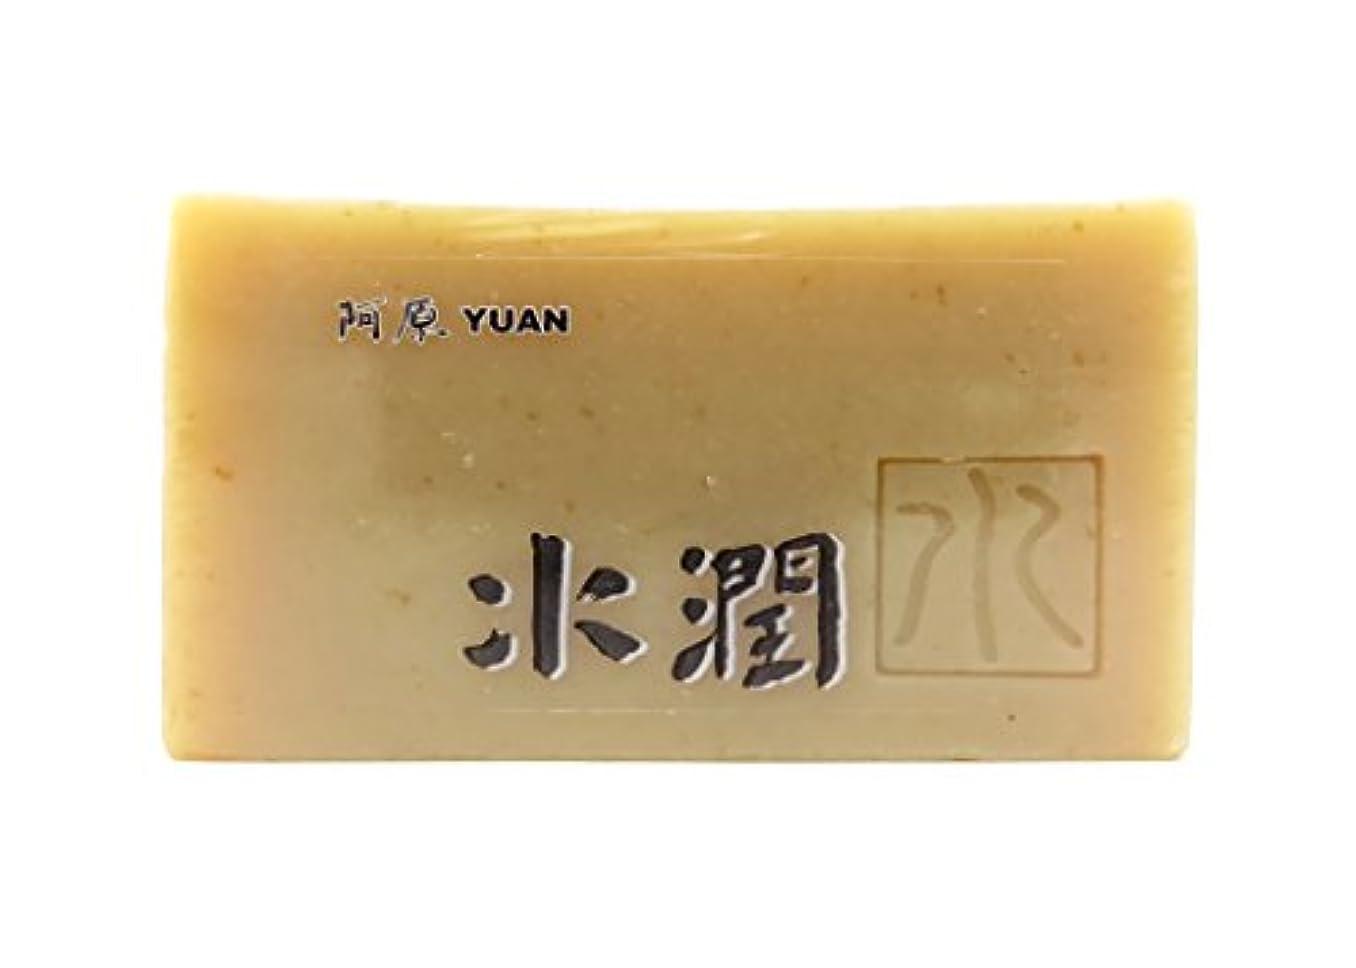 ますます並外れて引き受けるユアン(YUAN)水潤(すいじゅん)ソープ 固形 100g (阿原 ユアンソープ)